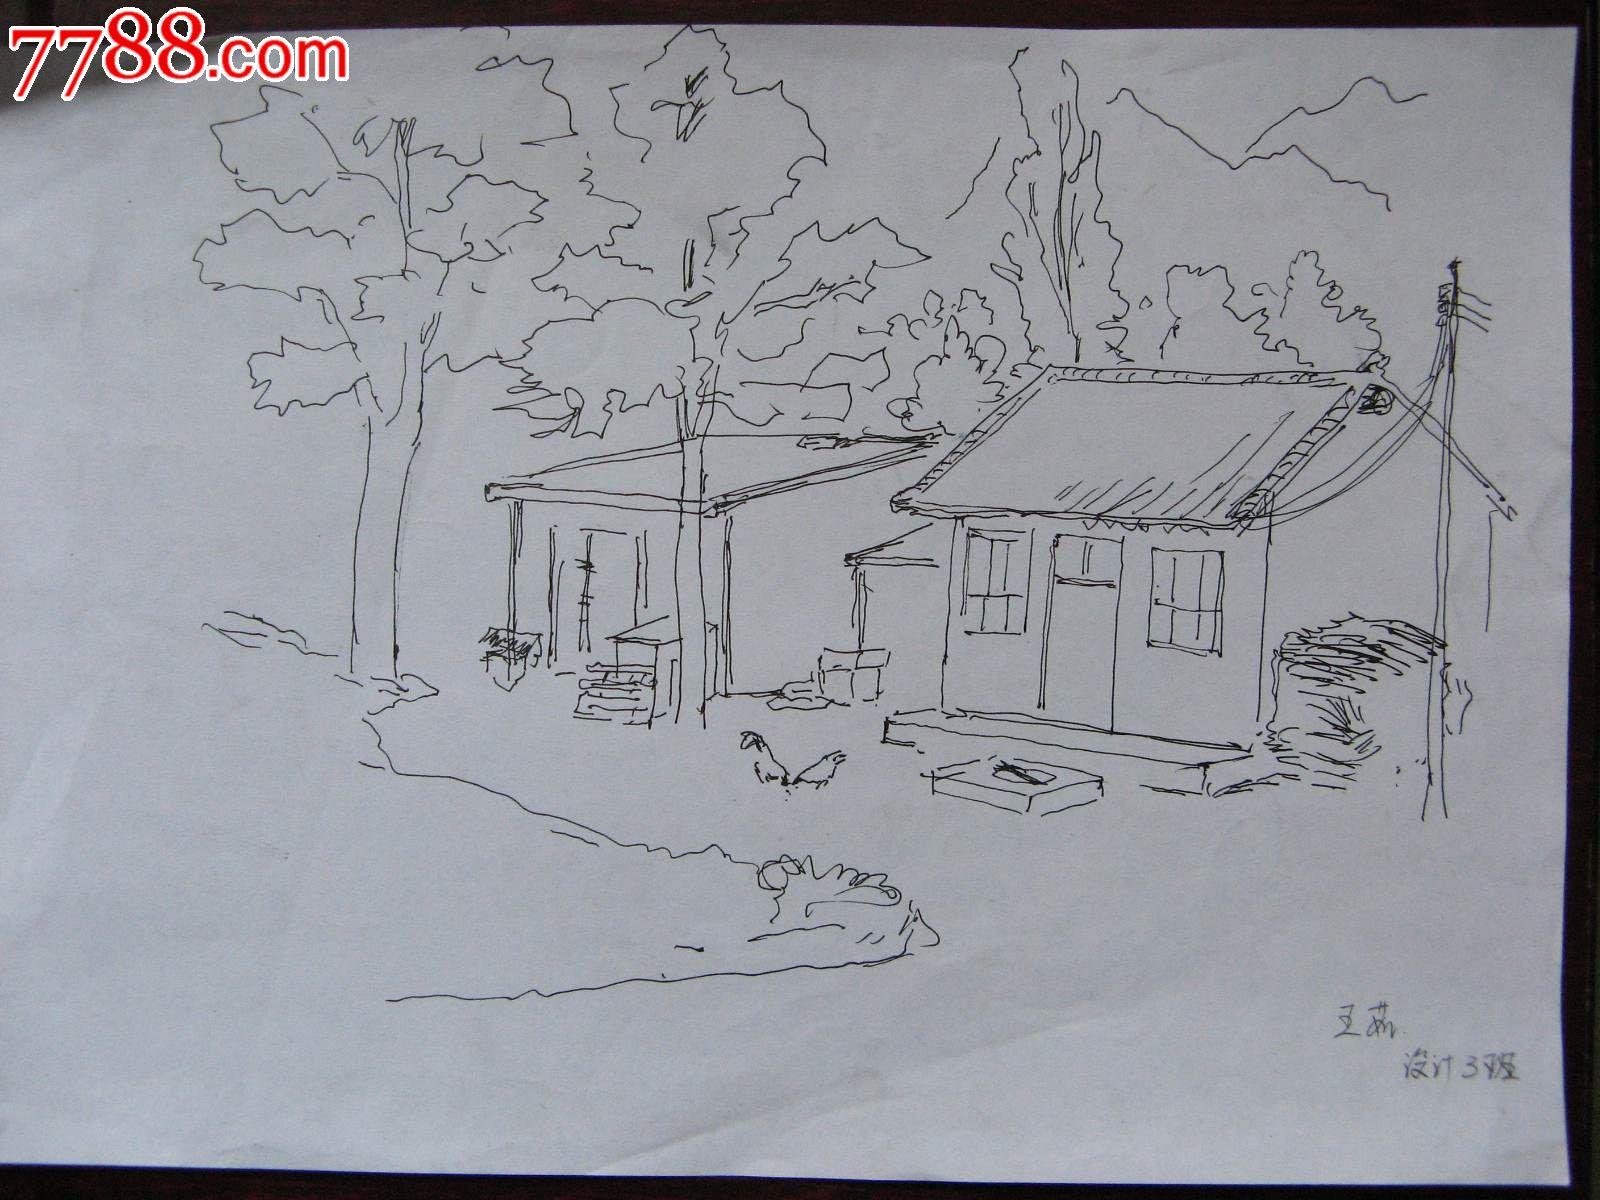 素描风景建筑画:农家院